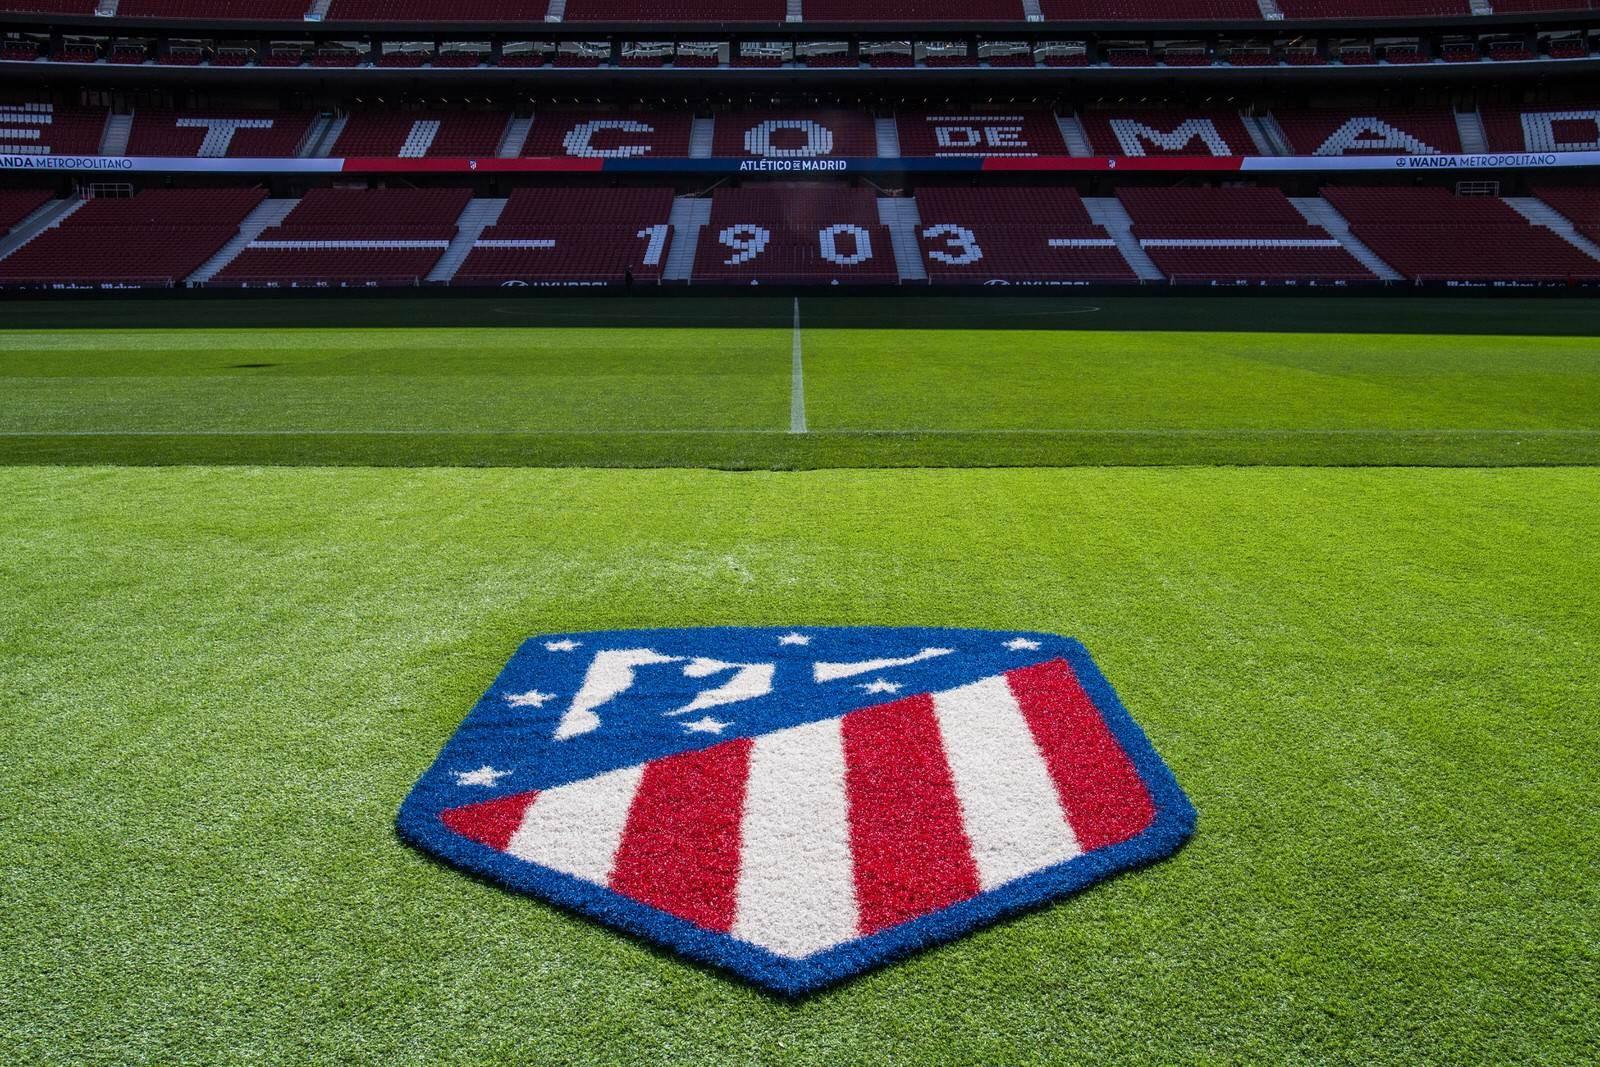 أتليتكو مدريد جاهز للاستغناء عن ملعبه لريال مدريد